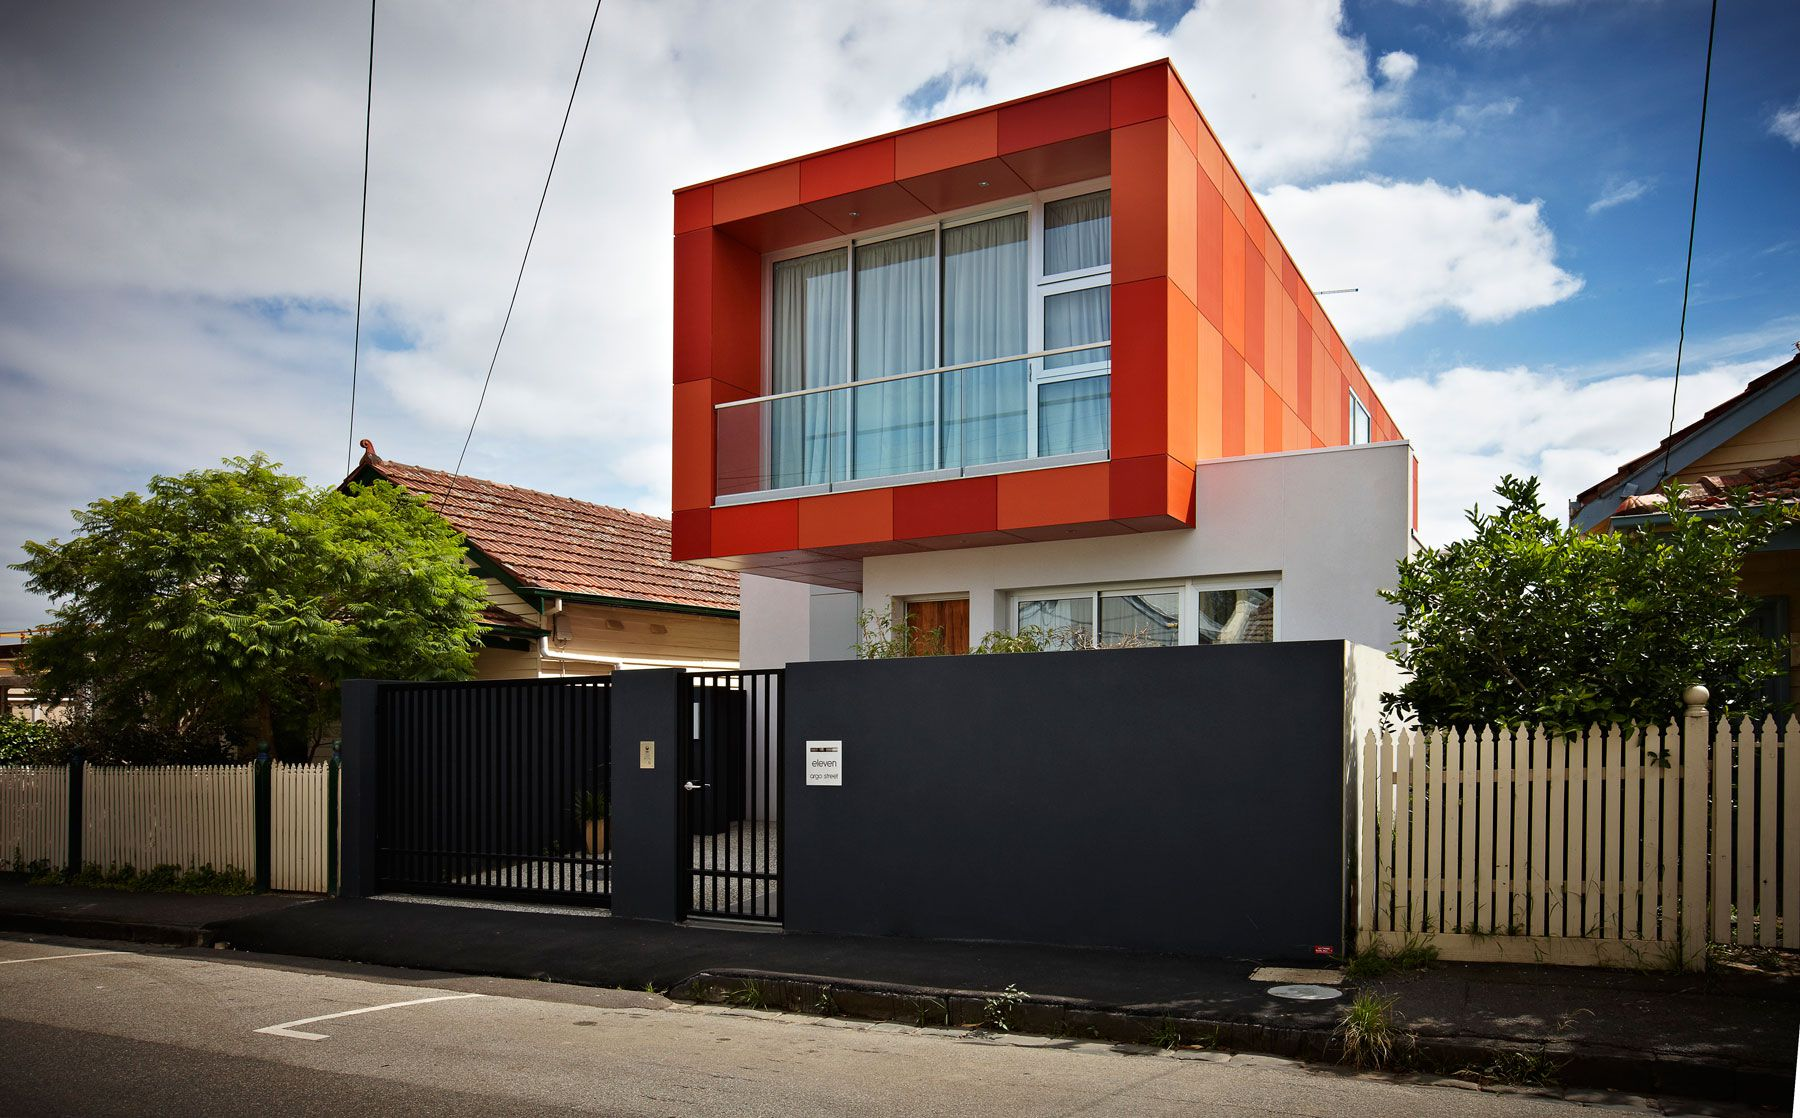 Dise o de casa moderna de dos plantas planos construye for Casas rectangulares